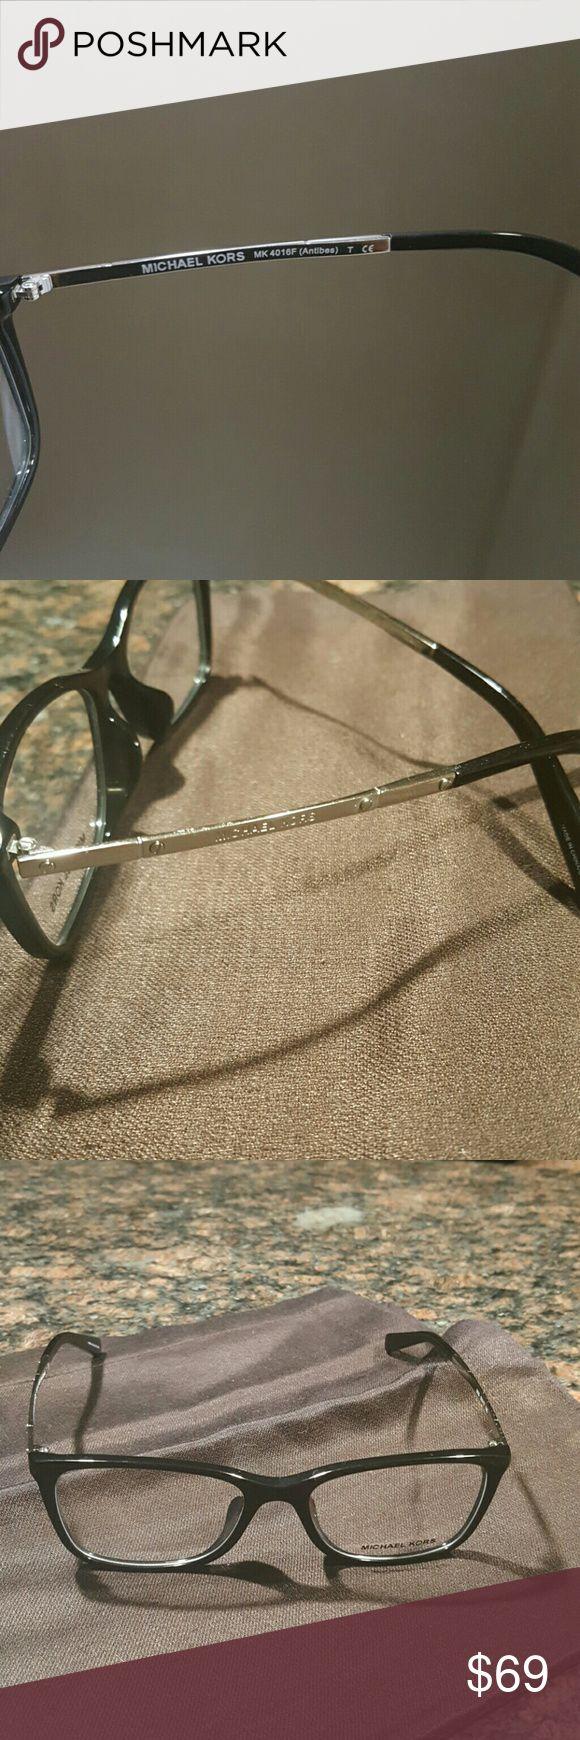 Michael Kors Optical Full Rim Rectangle Womens Sun plastic frame plastic lens non-polarized Lens width: 53 millimeters Lens height: 39.2 millimeters Bridge: 17 millimeters Arm: 140 millimeters Michael Kors Accessories Sunglasses